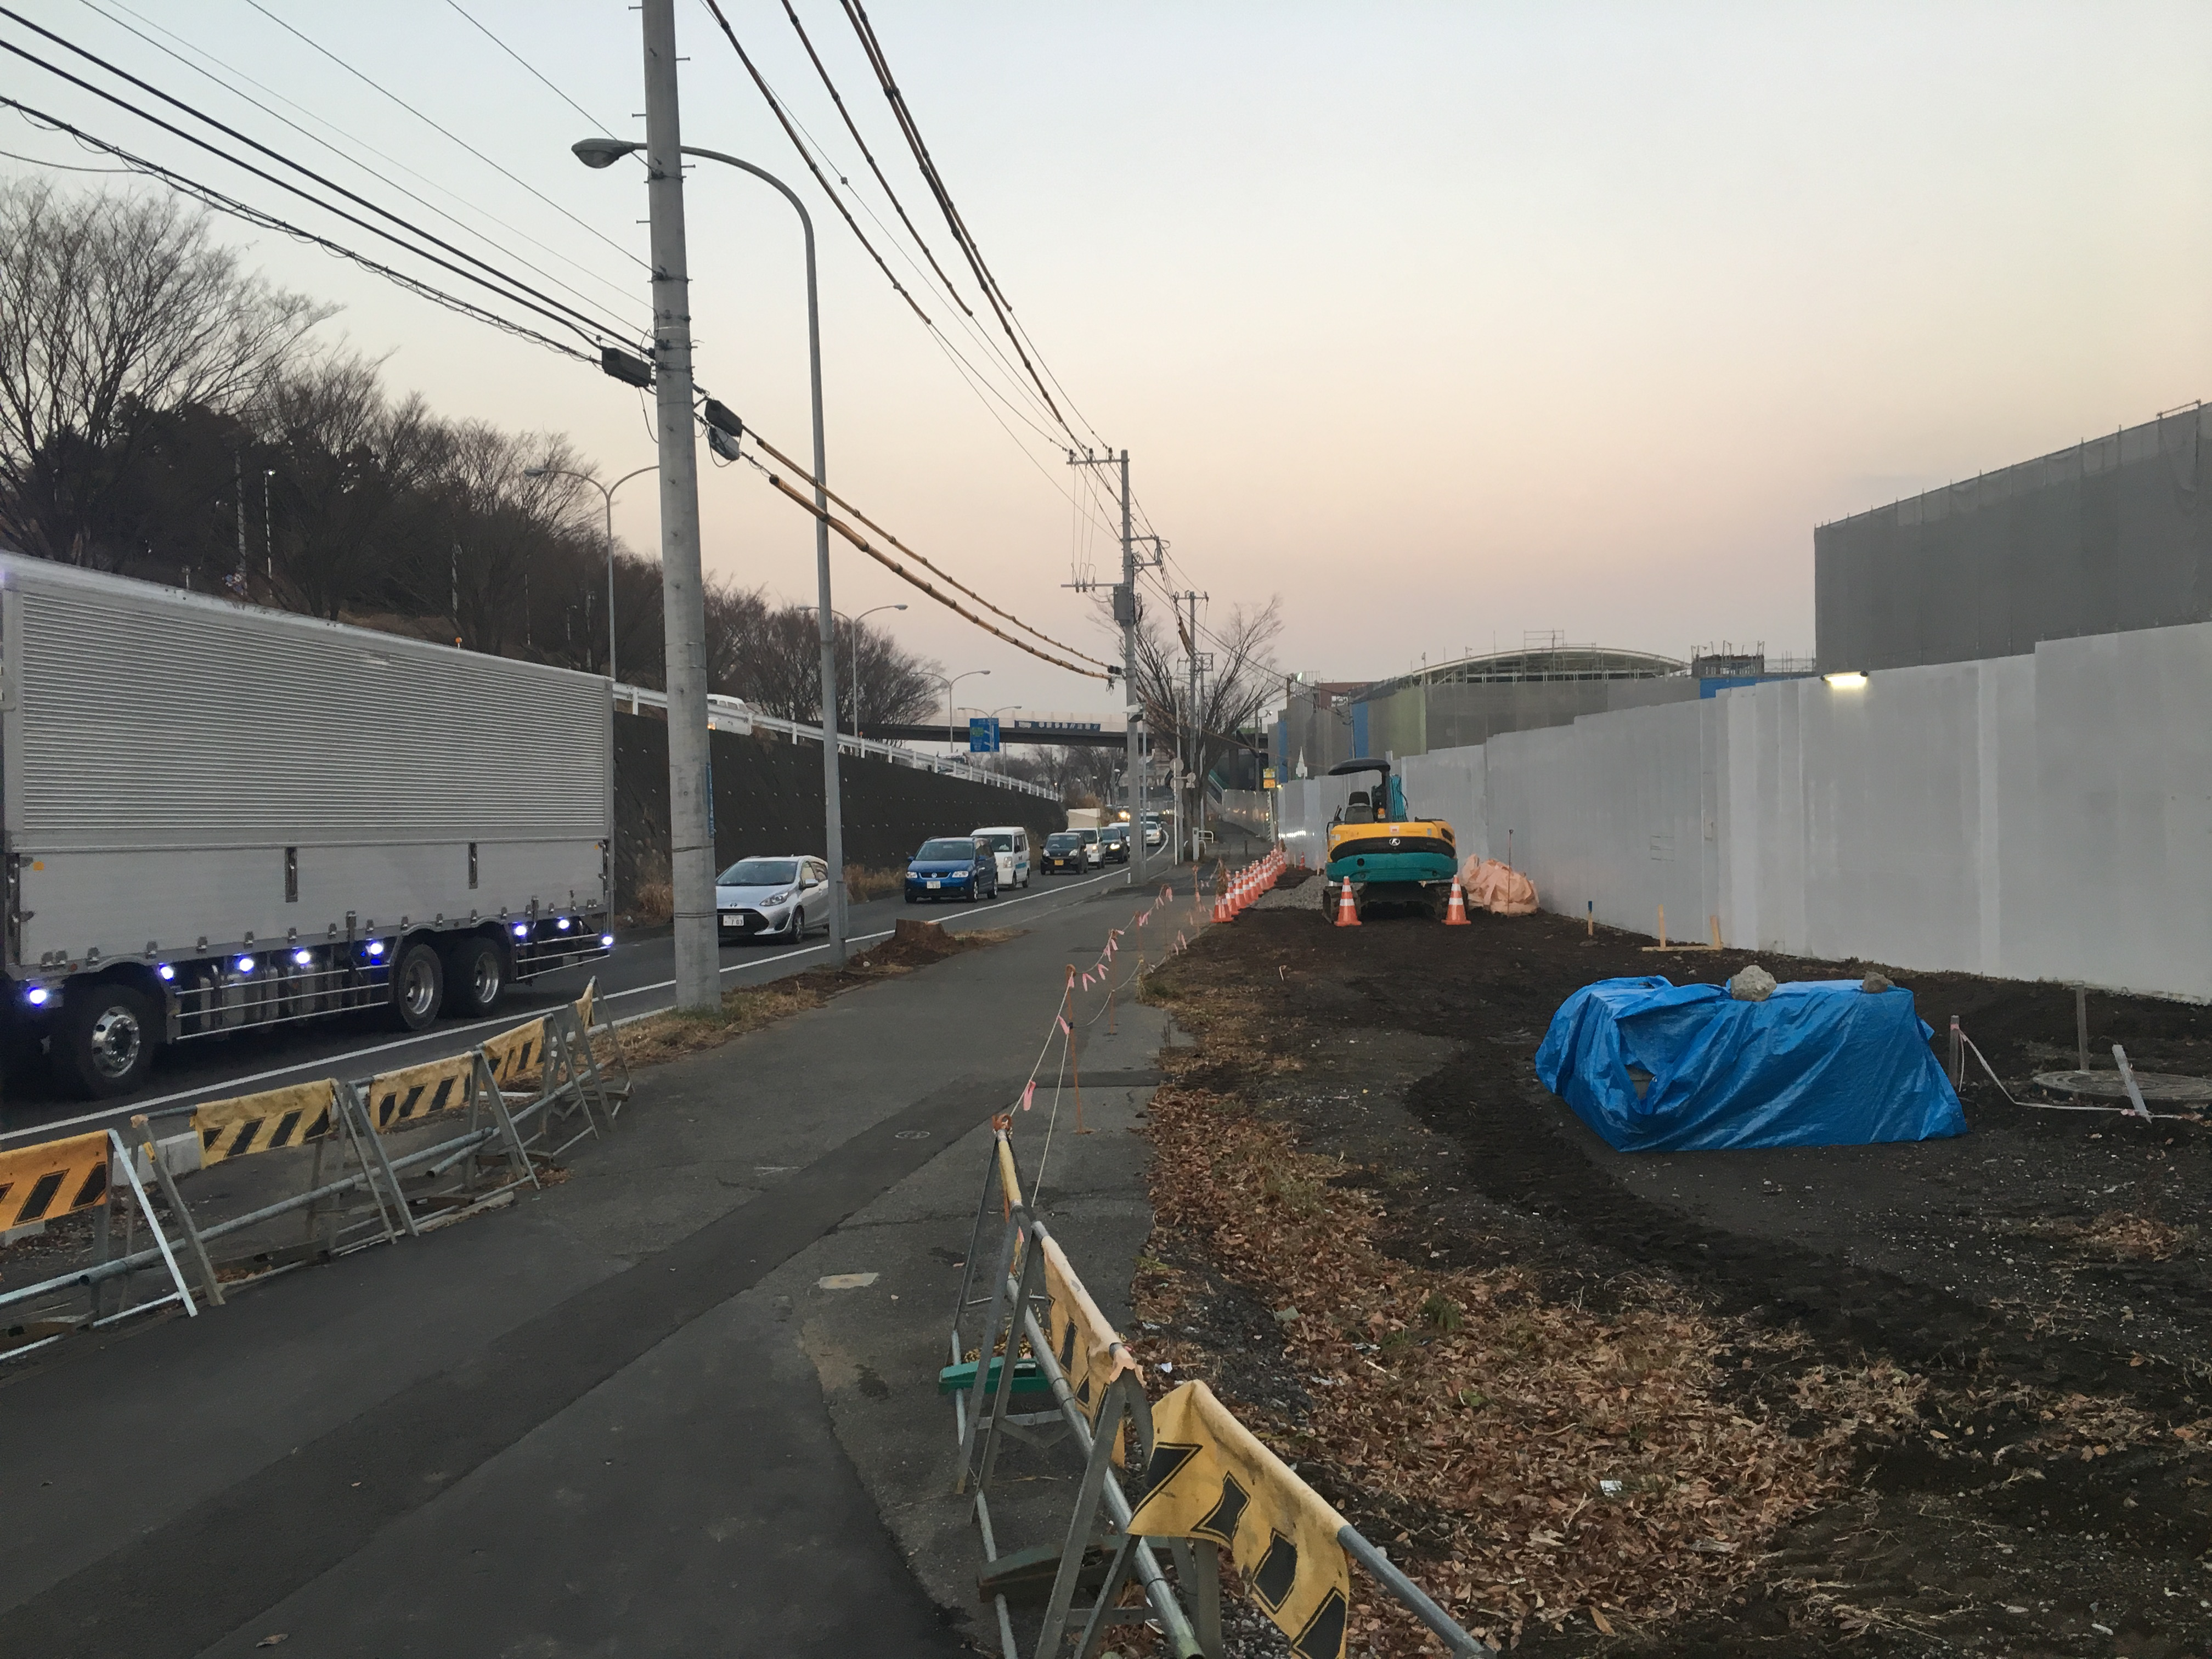 羽沢横浜国大駅 周辺の生活環境について